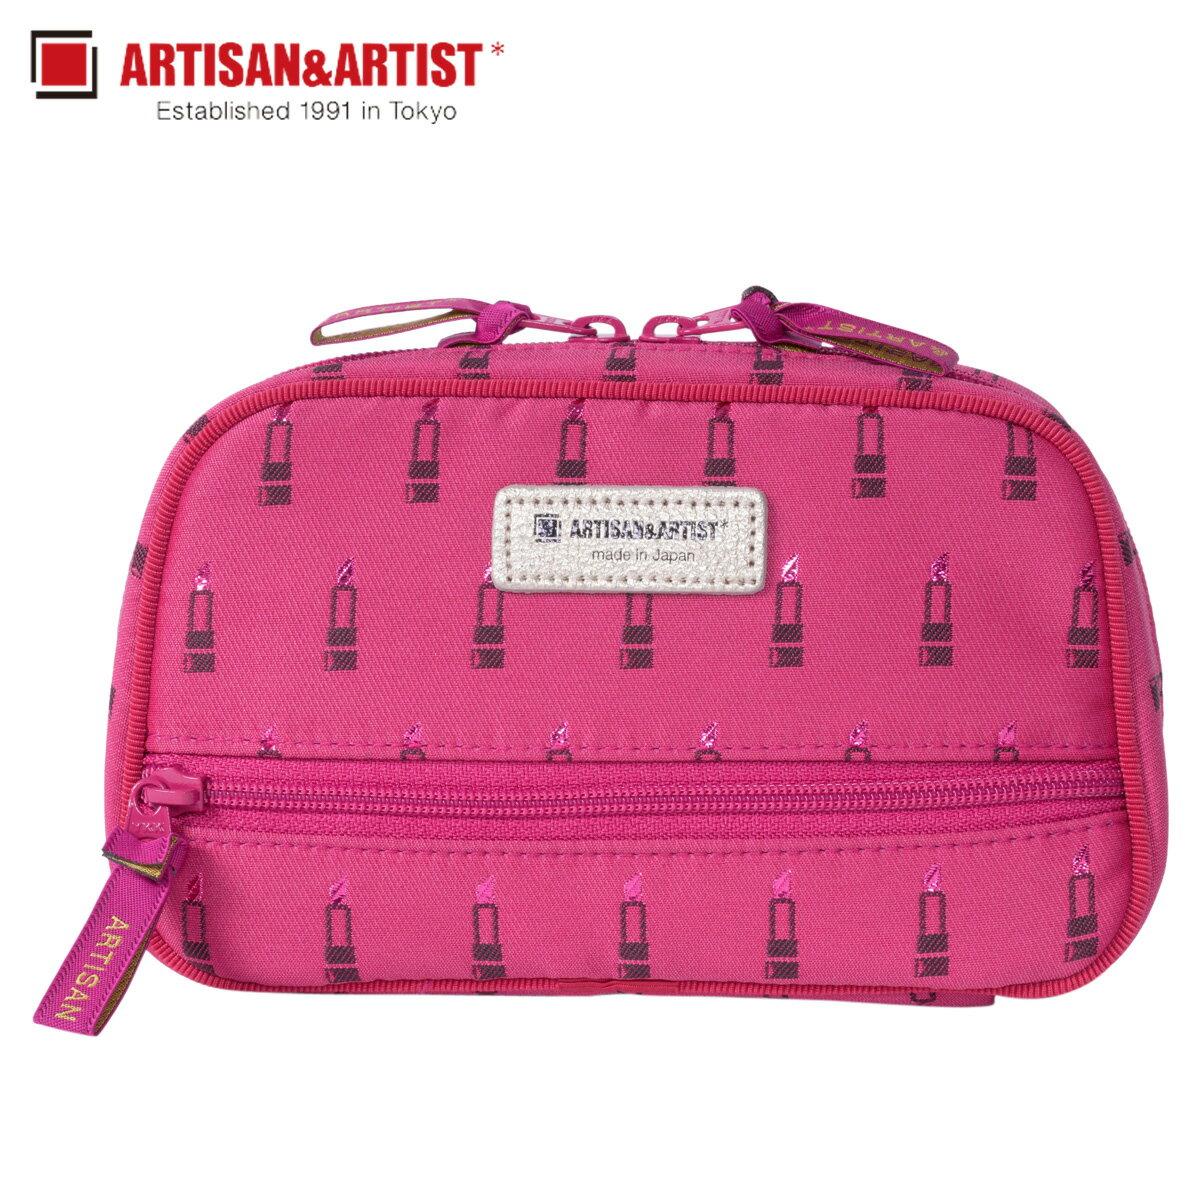 レディースバッグ, 化粧ポーチ 2000OFF ARTISANARTIST SUB POUCH 1WP-LI117